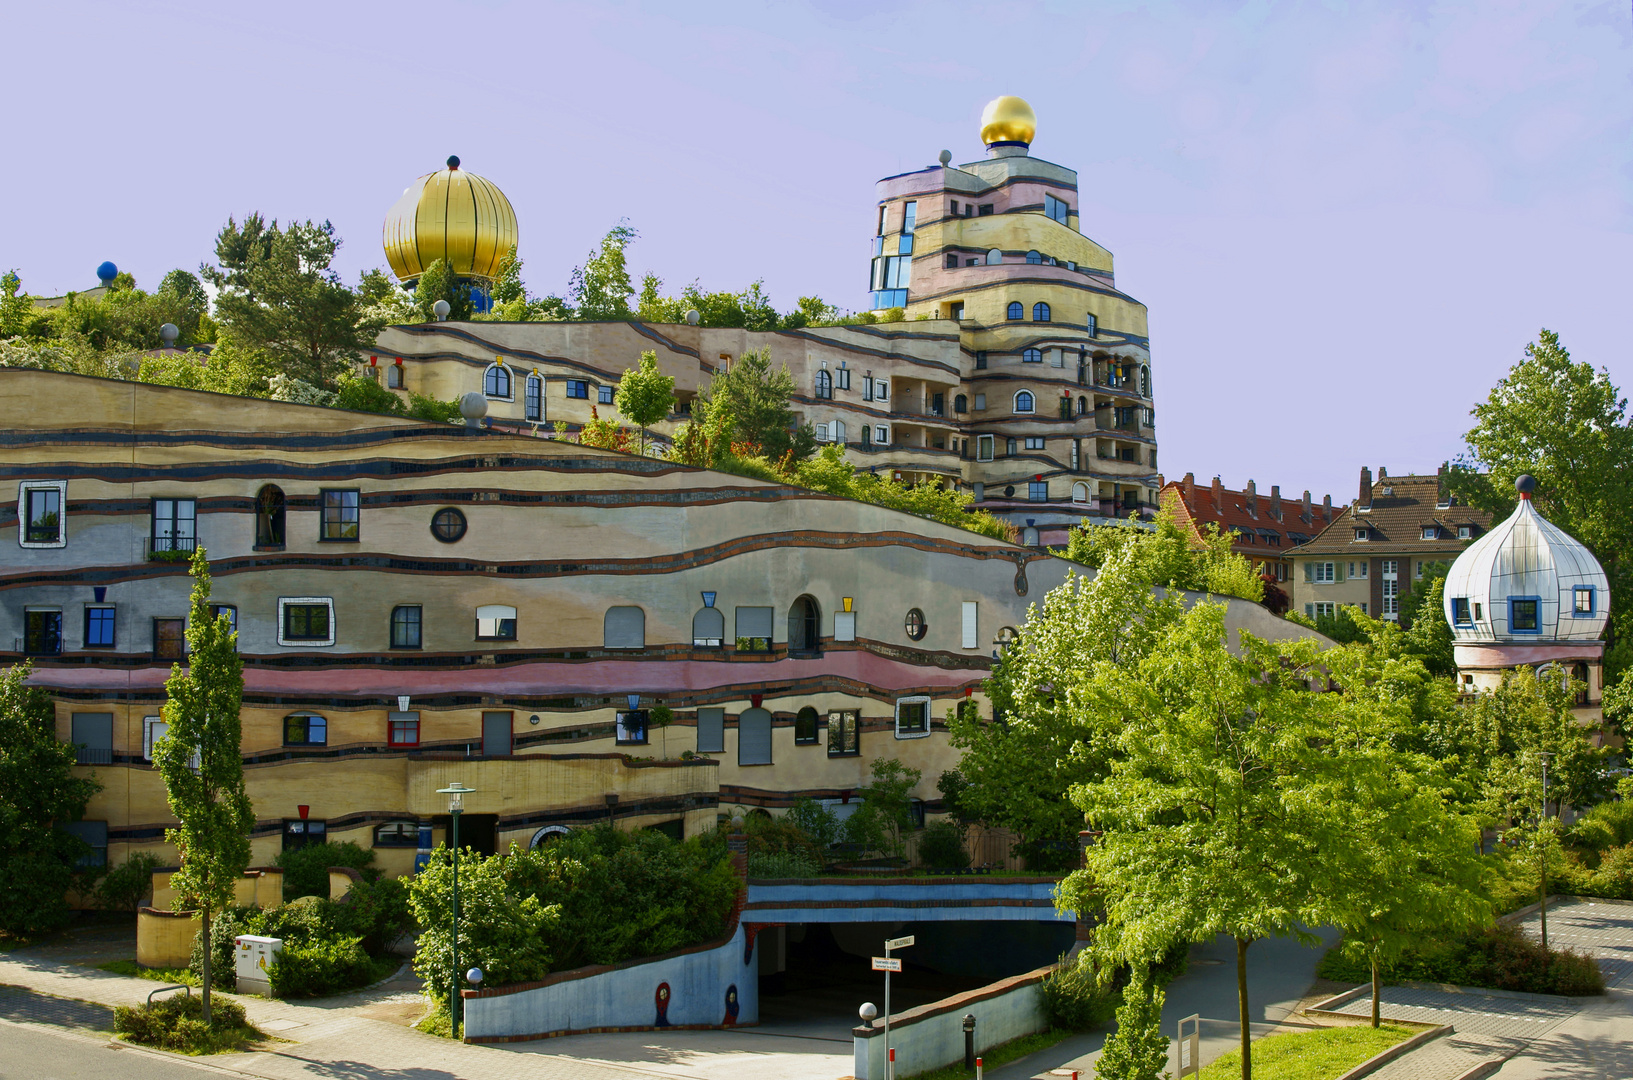 Waldspirale, Hundertwasserhaus in Darmstadt